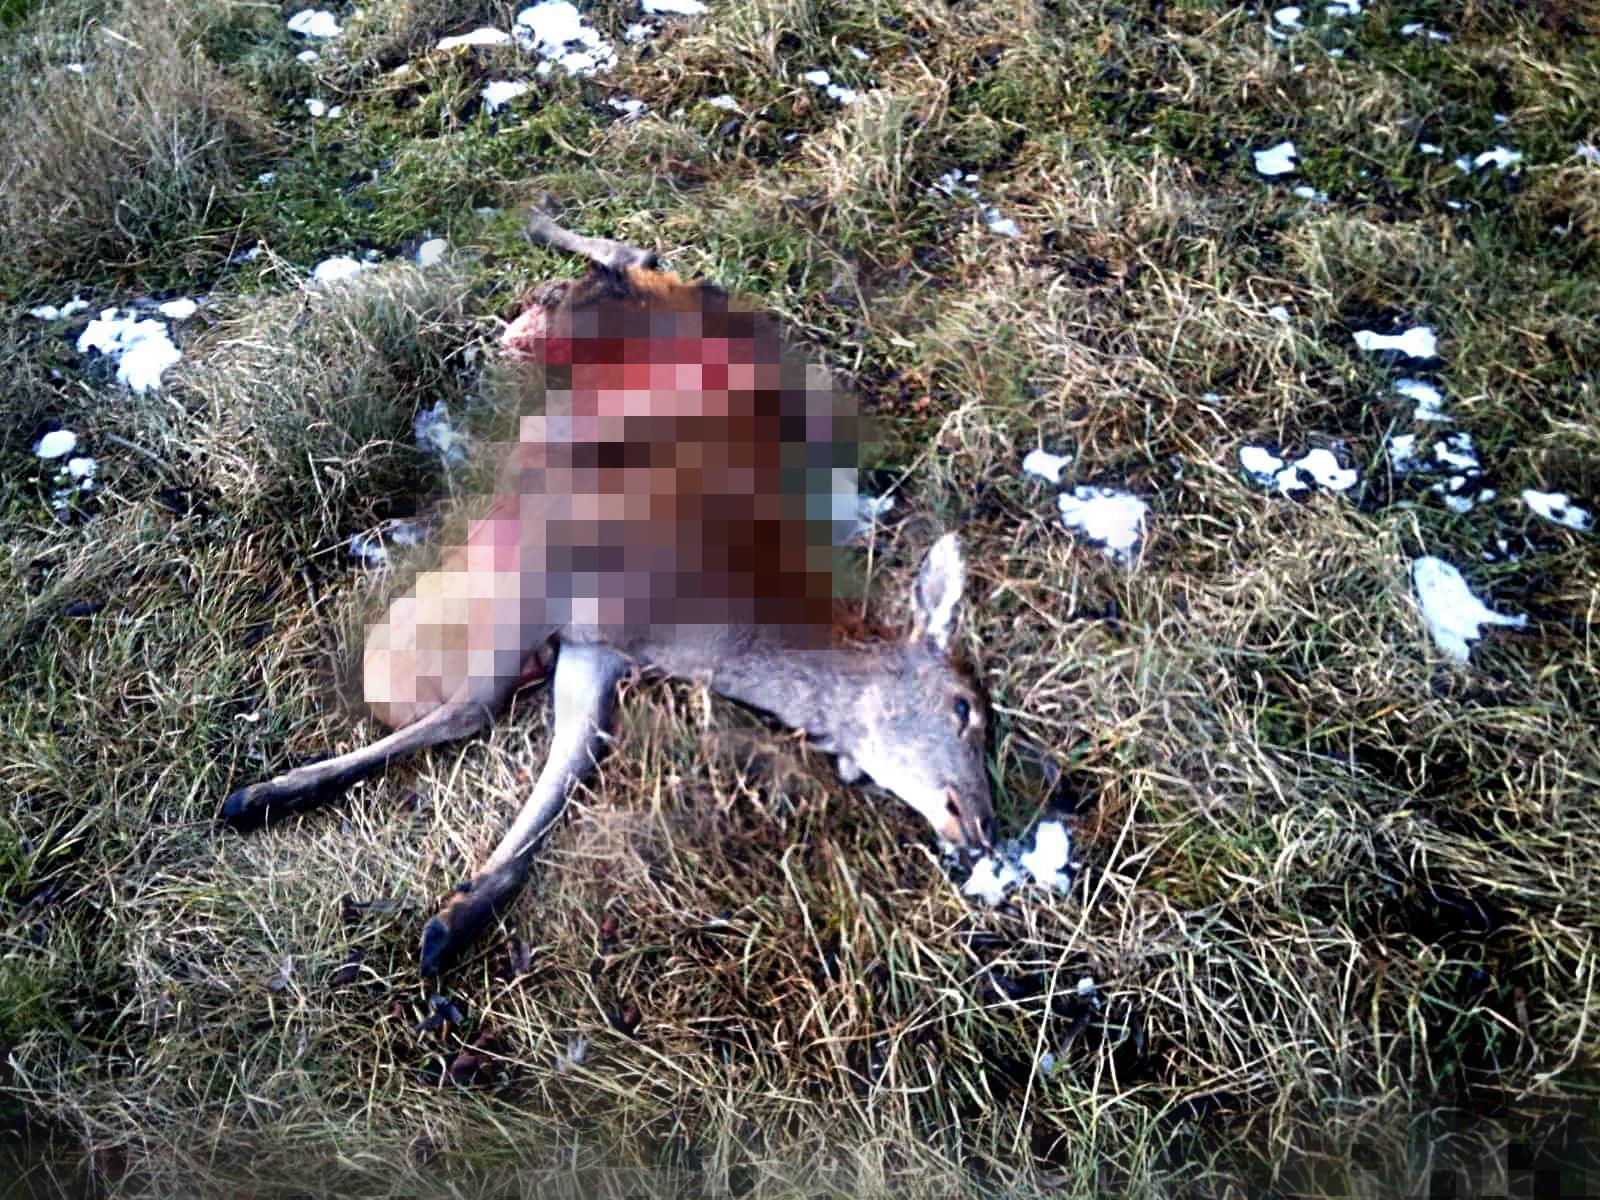 Wilki zaatakowały prawie w centrum Ustrzyk! [DRASTYCZNE ZDJĘCIA+VIDEO] - Zdjęcie główne